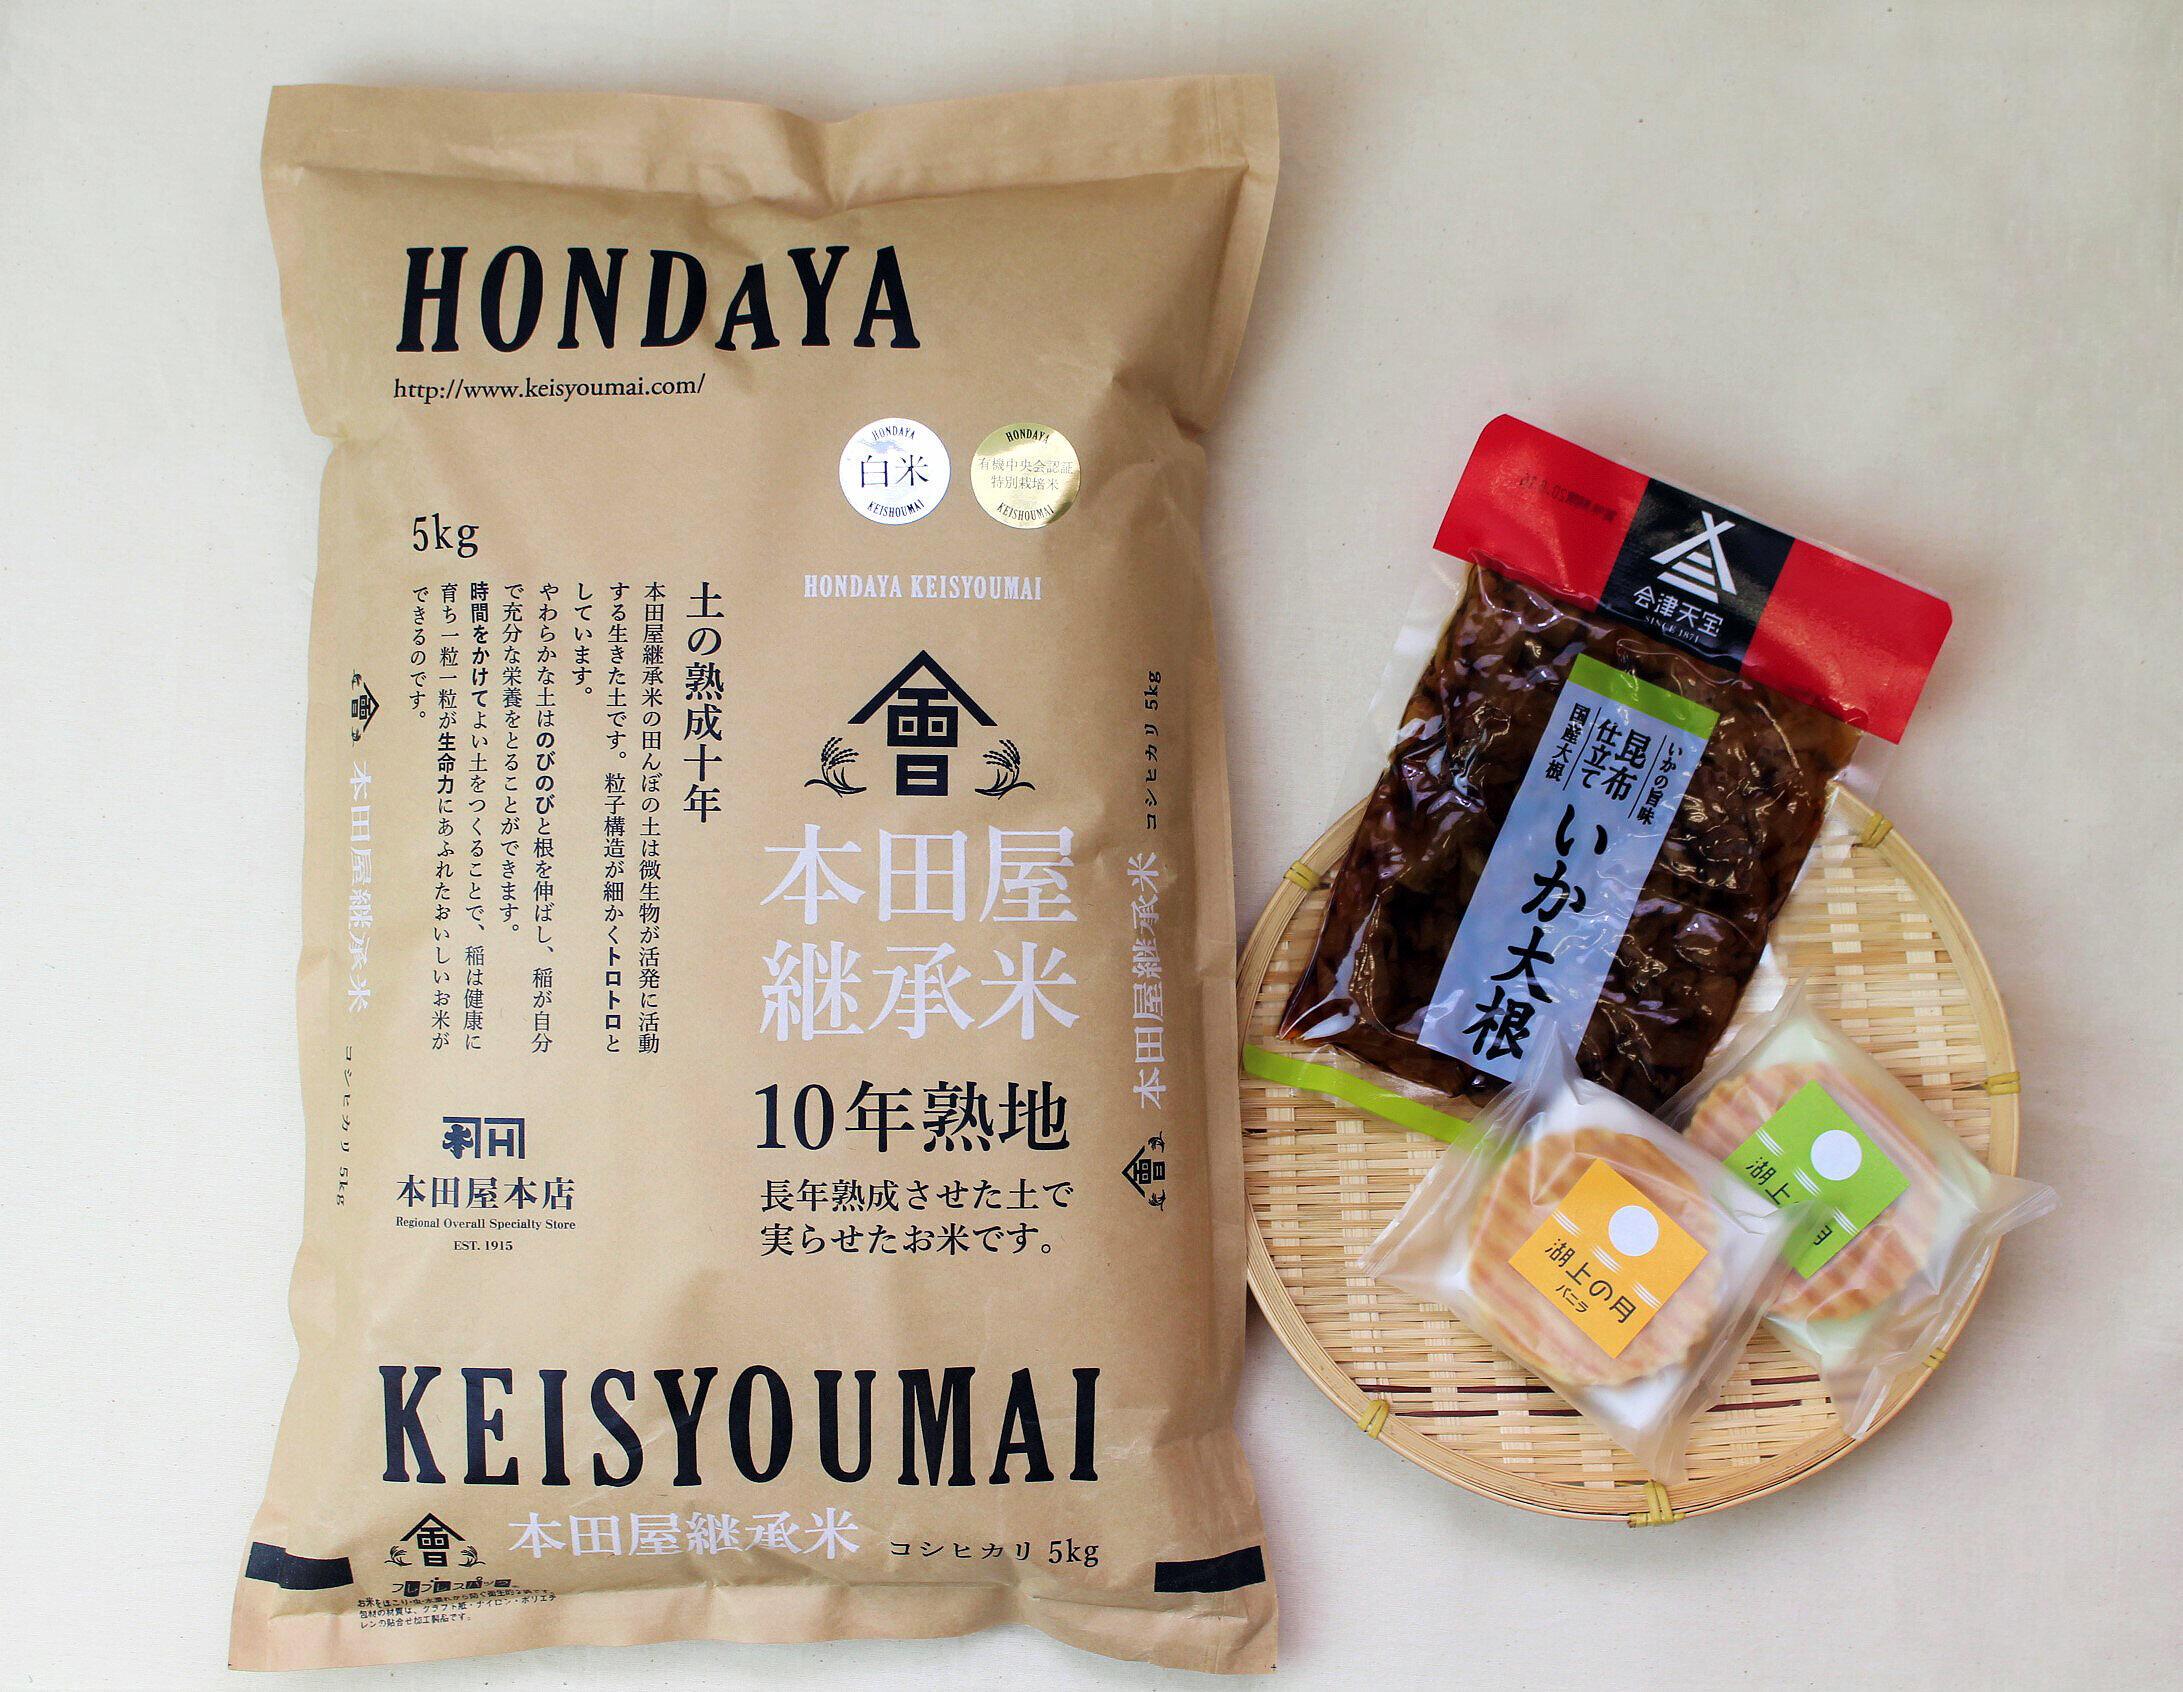 ふるさとへの帰省を自粛している学生へ会津の産品を提供